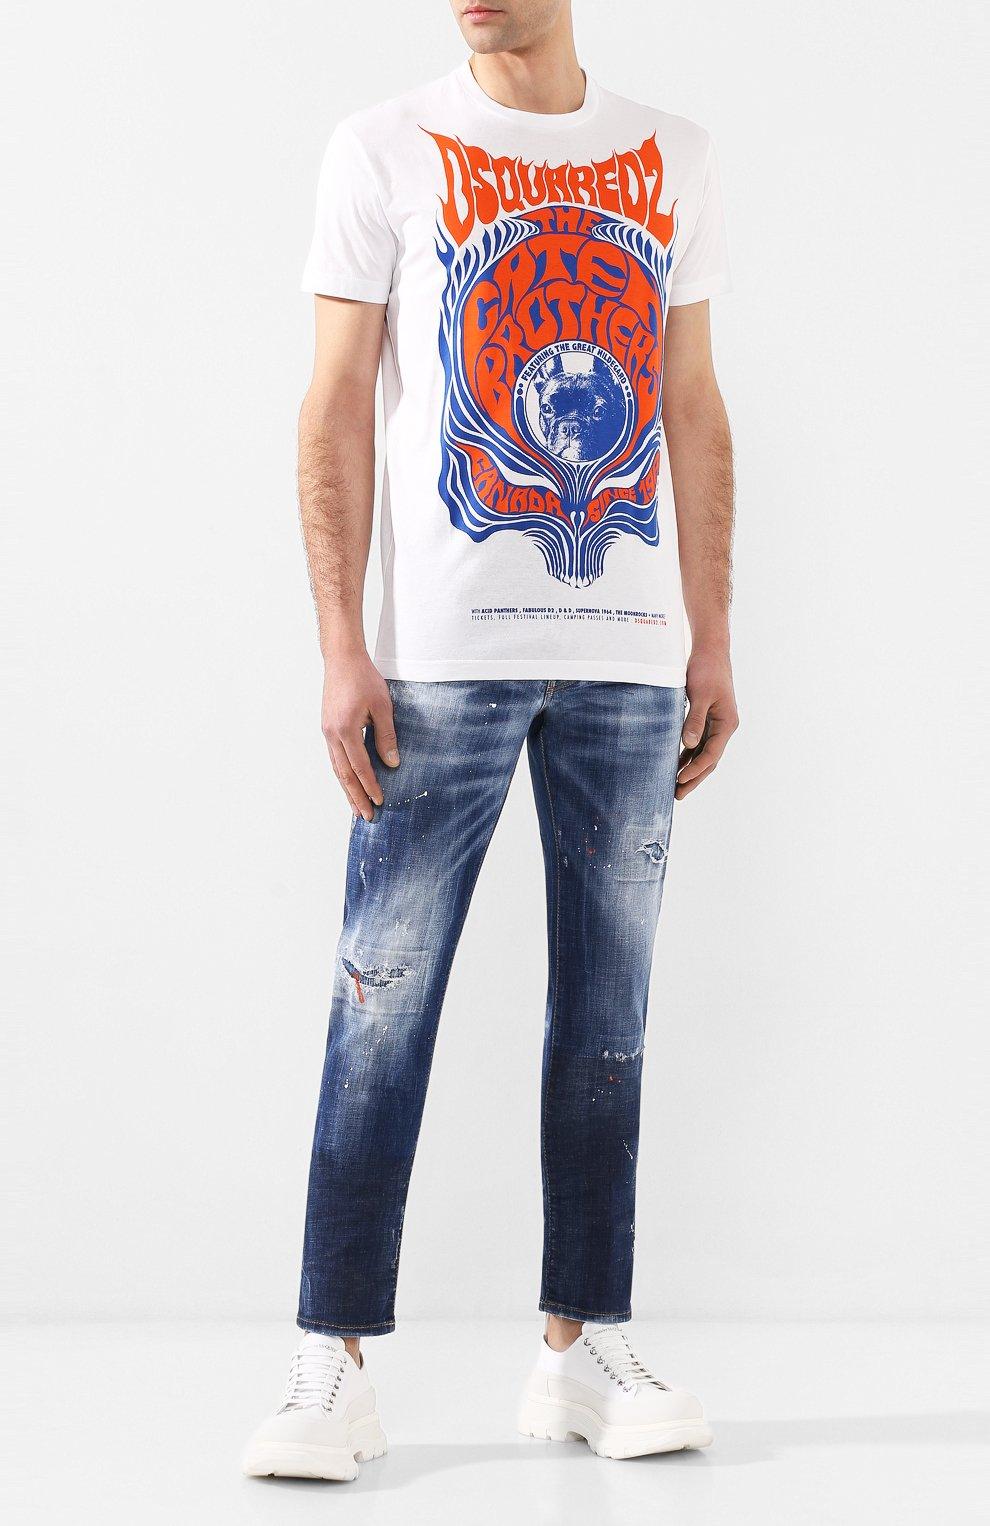 Мужские джинсы DSQUARED2 синего цвета, арт. S74LB0688/S30342   Фото 2 (Силуэт М (брюки): Узкие; Длина (брюки, джинсы): Стандартные; Материал внешний: Хлопок, Деним)